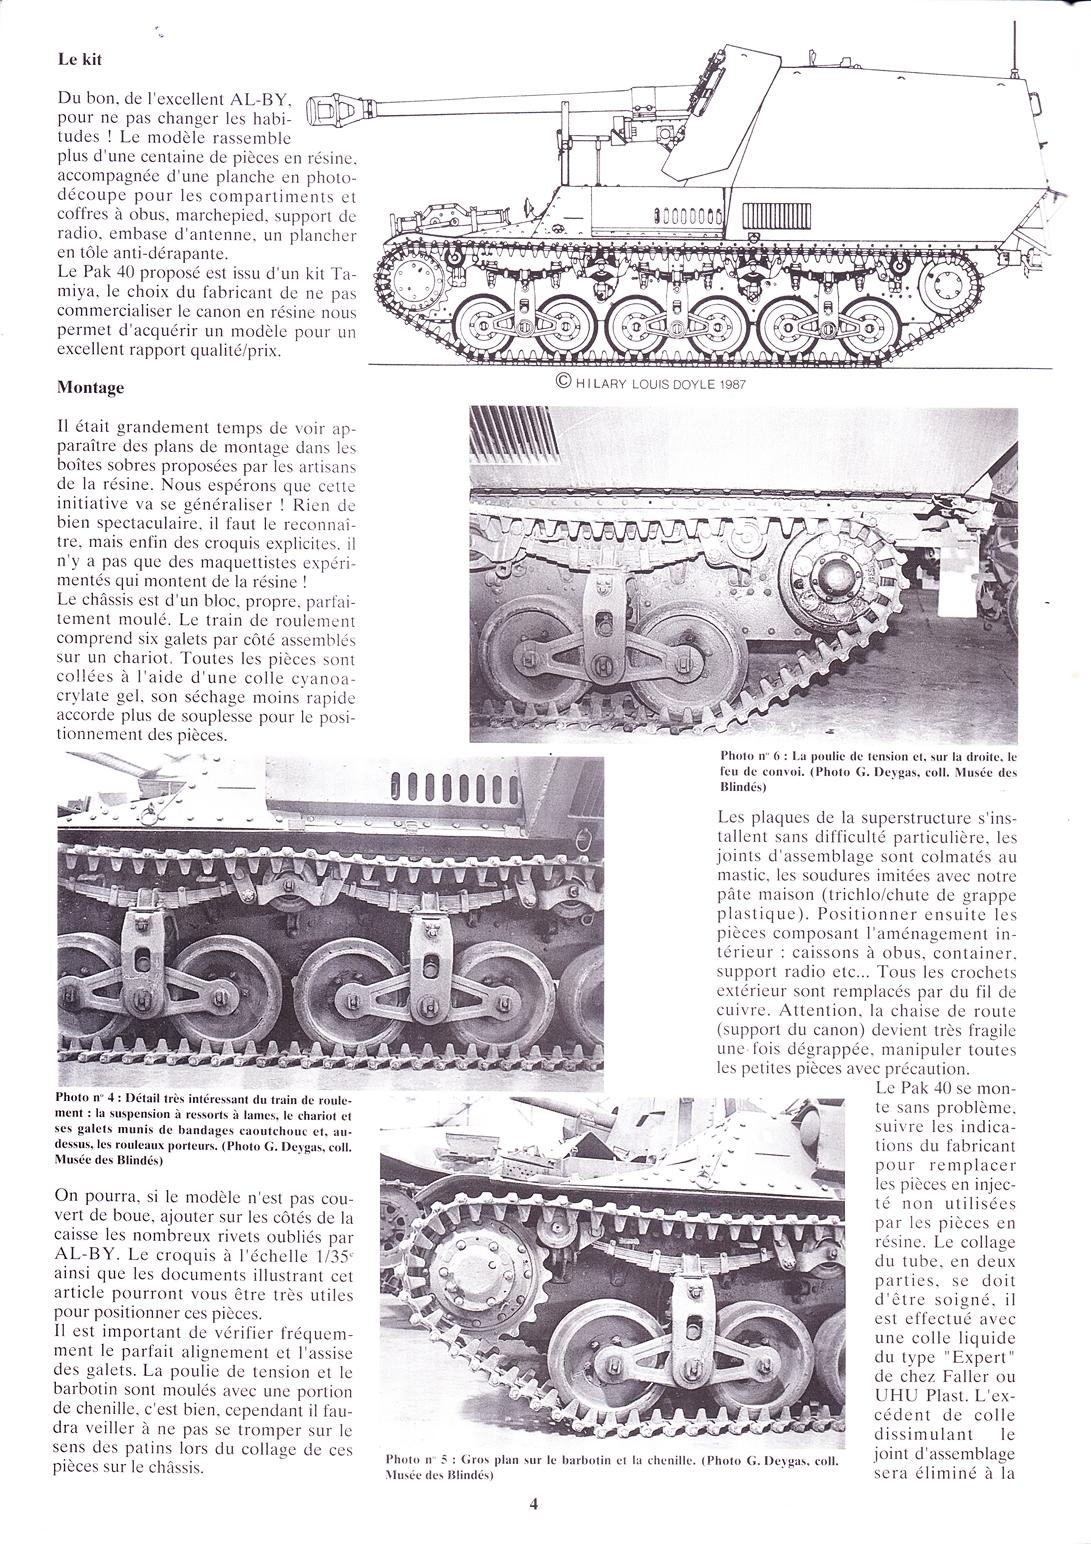 15 cm sFH.13/1 auf Geschutzwagen Lorraine-Schlepper Sd.Kfz. 135/1   RPM 1/35 ème  190210105053306693